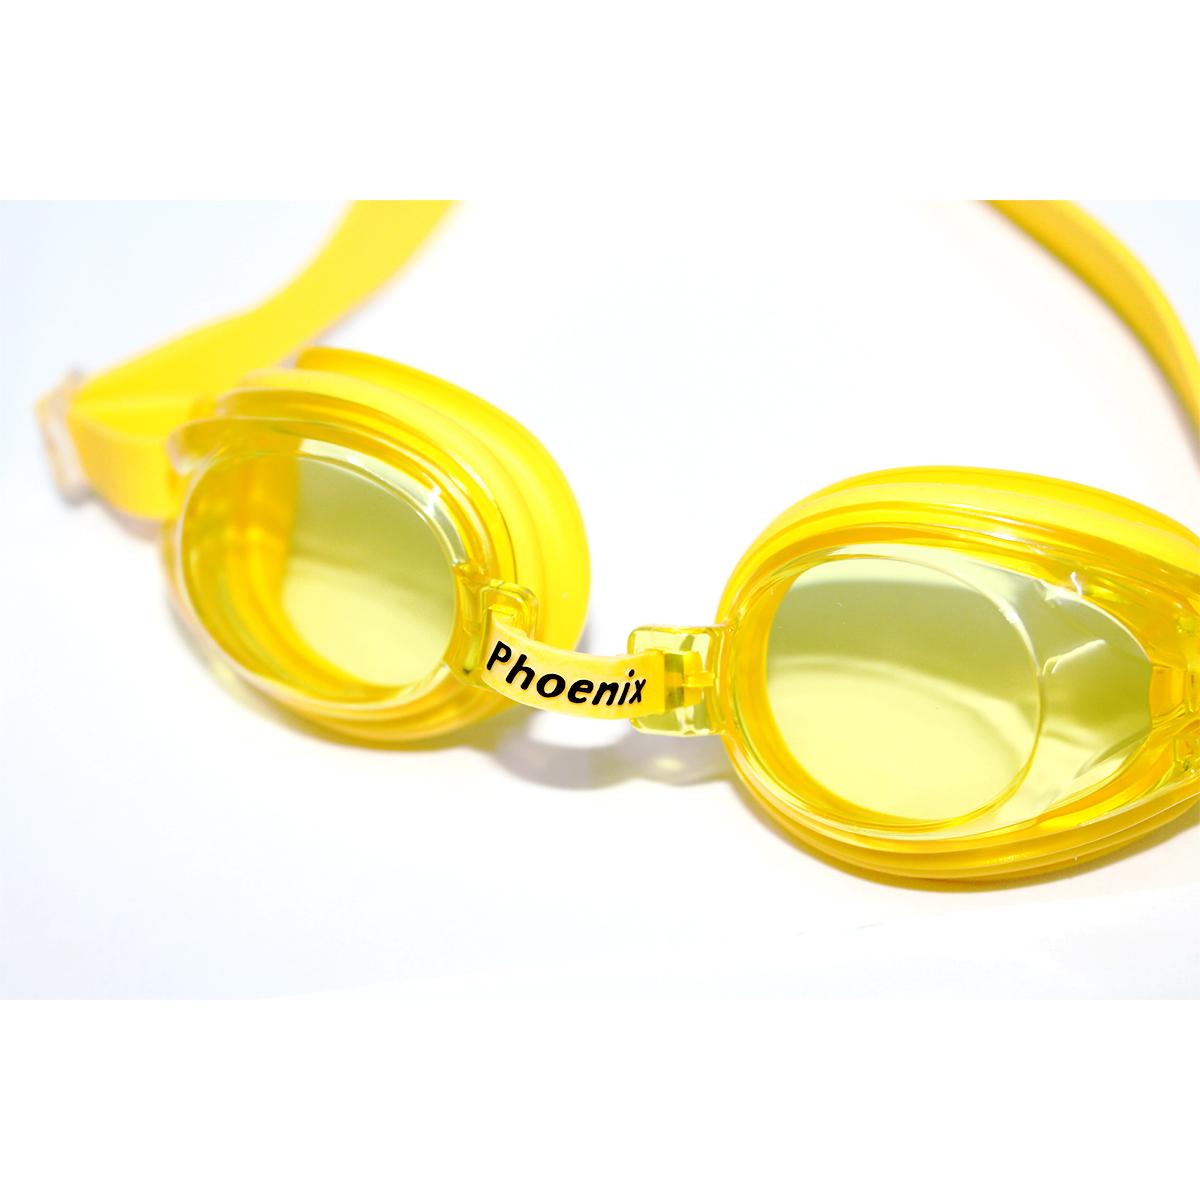 Kính bơi trẻ em Phoenix P507 màu vàng P507YL